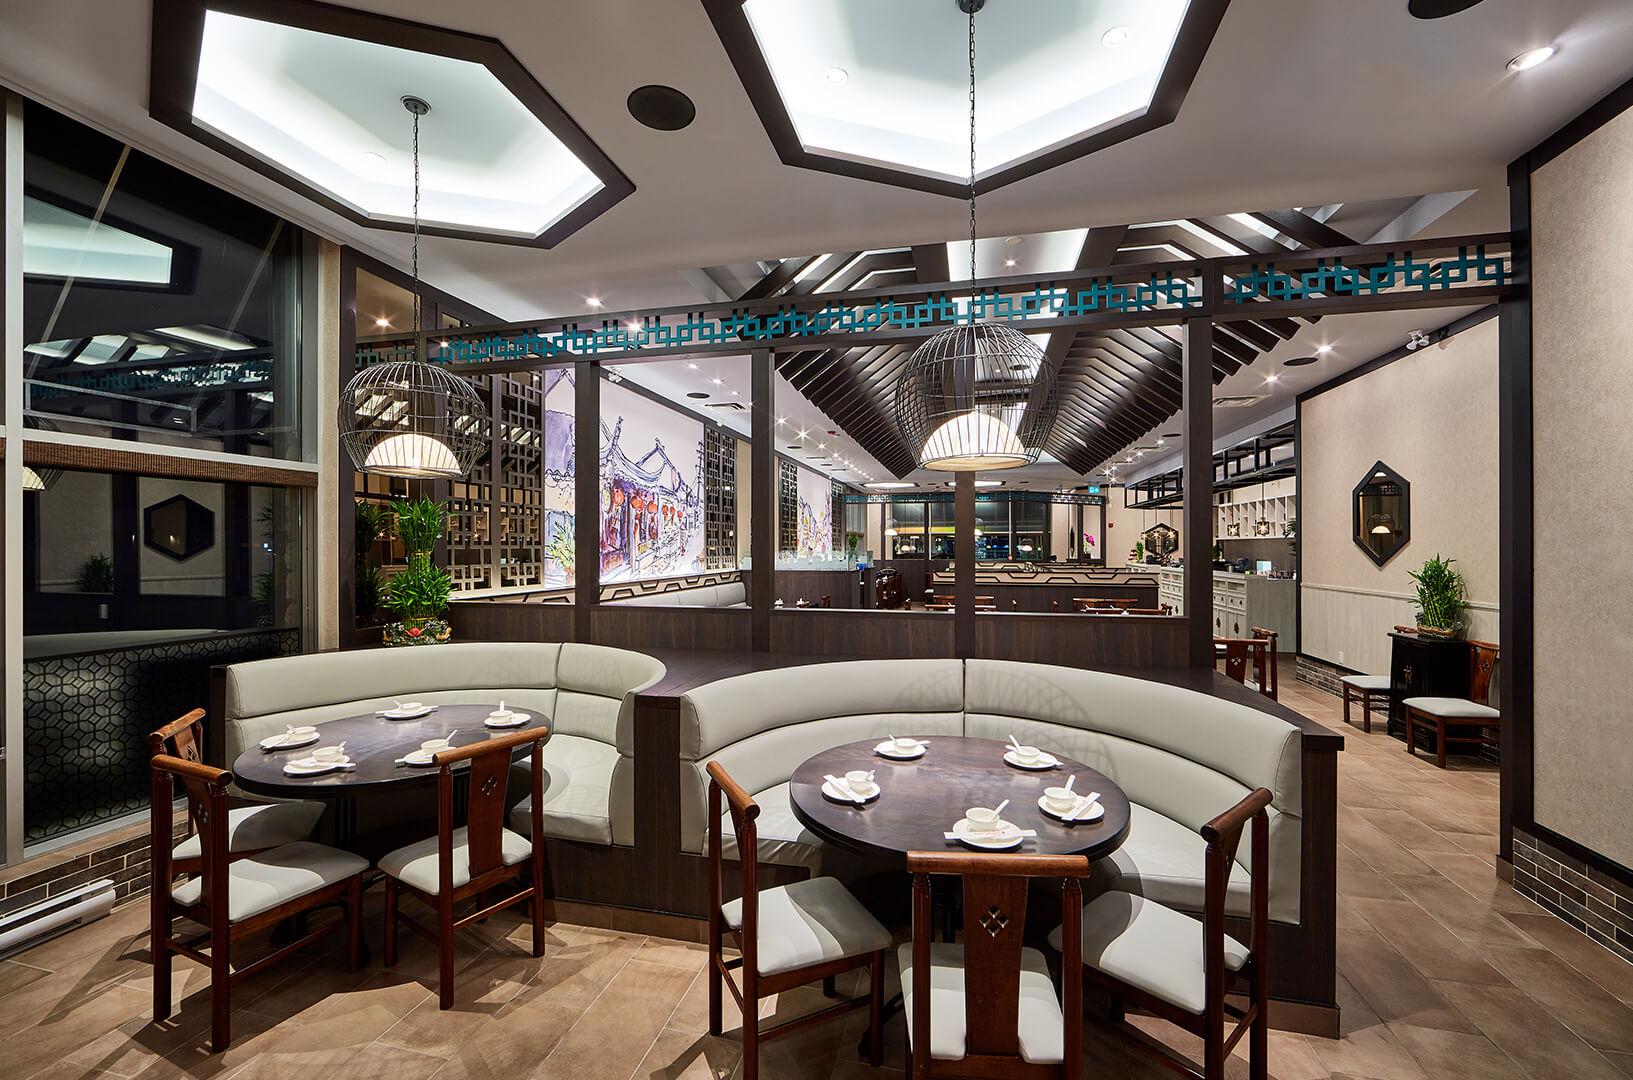 Chinese Restaurant Aurora Toronto S Finest Asian Cuisine Lee Chen